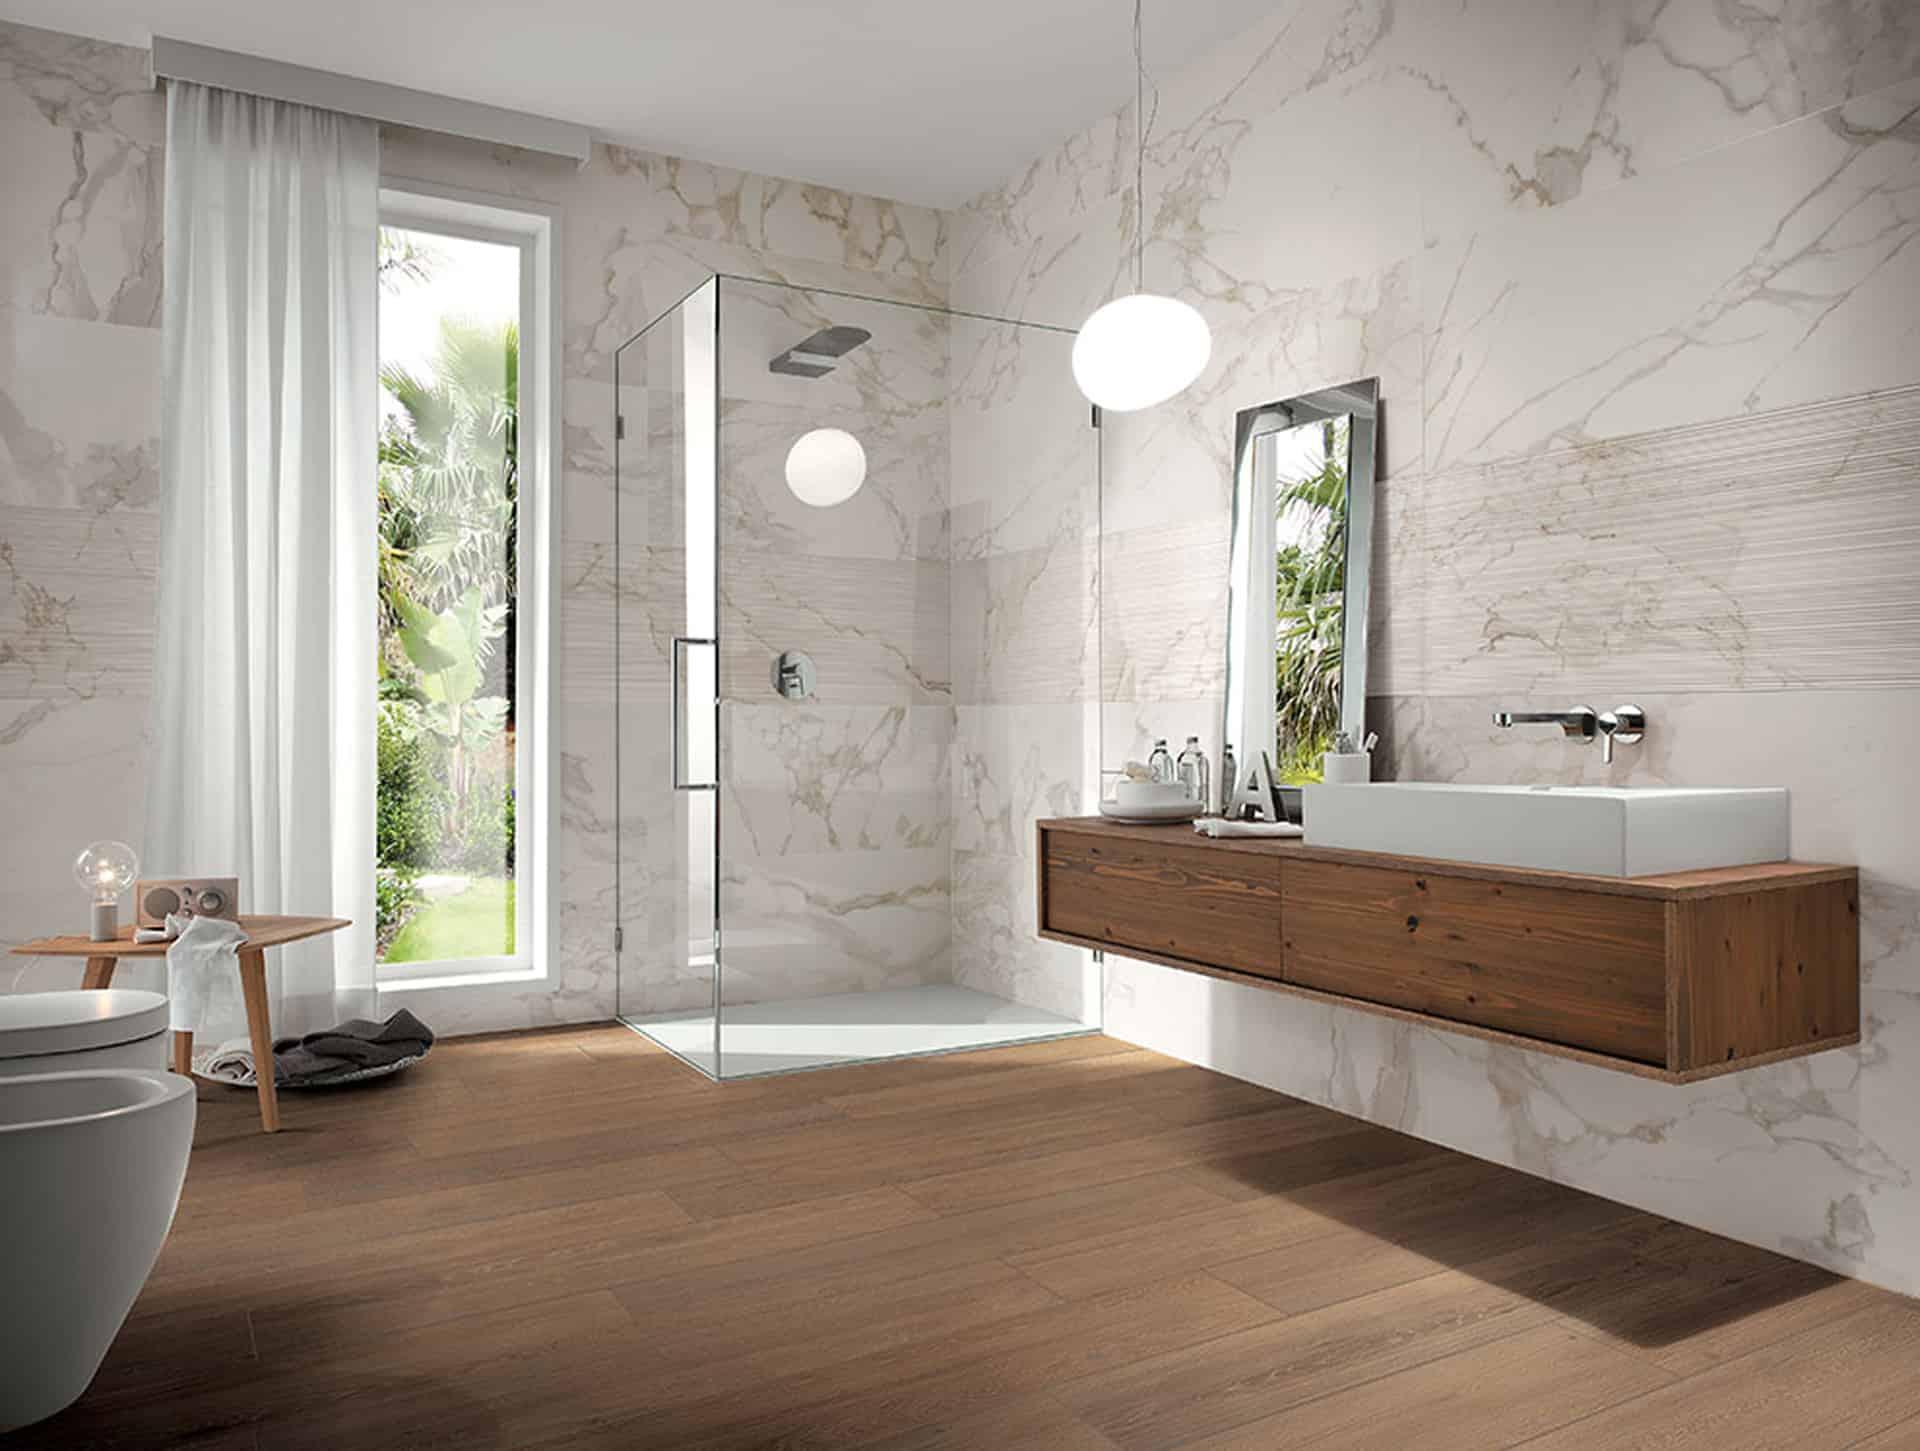 Roma il bagno effetto marmo dal fascino contemporaneo - Rivestimenti bagno roma ...